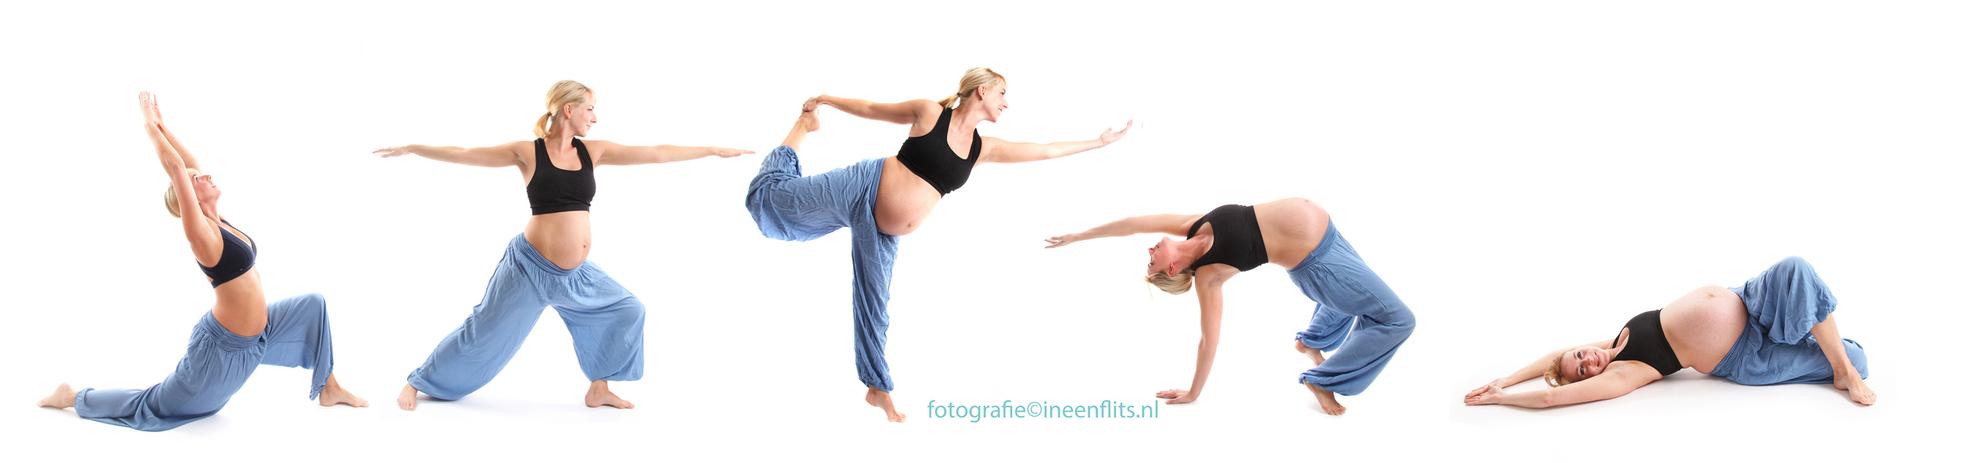 Zwanger Yoga - Een zwangere danseres portretteren stond jaren op mijn verlanglijstje. Ik heb ballet en dans scholen benaderd zonder resultaat. En dan ineens, Bo! Bo - foto door Kirsten Groeneveld op 01-03-2015 - deze foto bevat: vrouw, portret, flits, baby, dans, zwanger, studio, fotoshoot, yoga